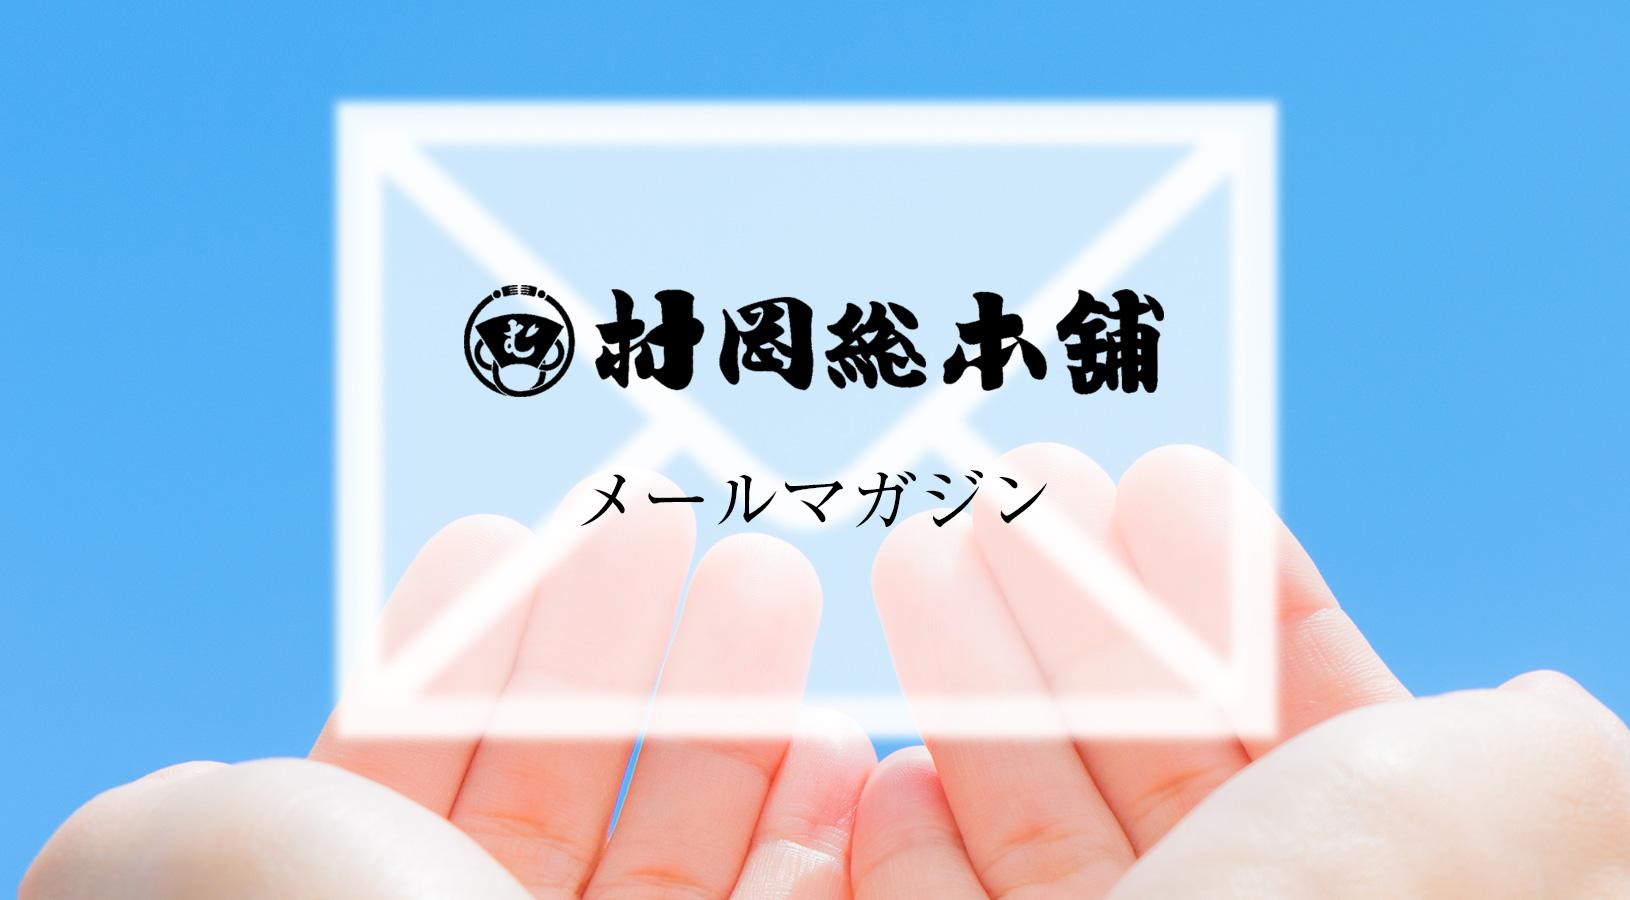 アイキャッチ画像 メールマガジン